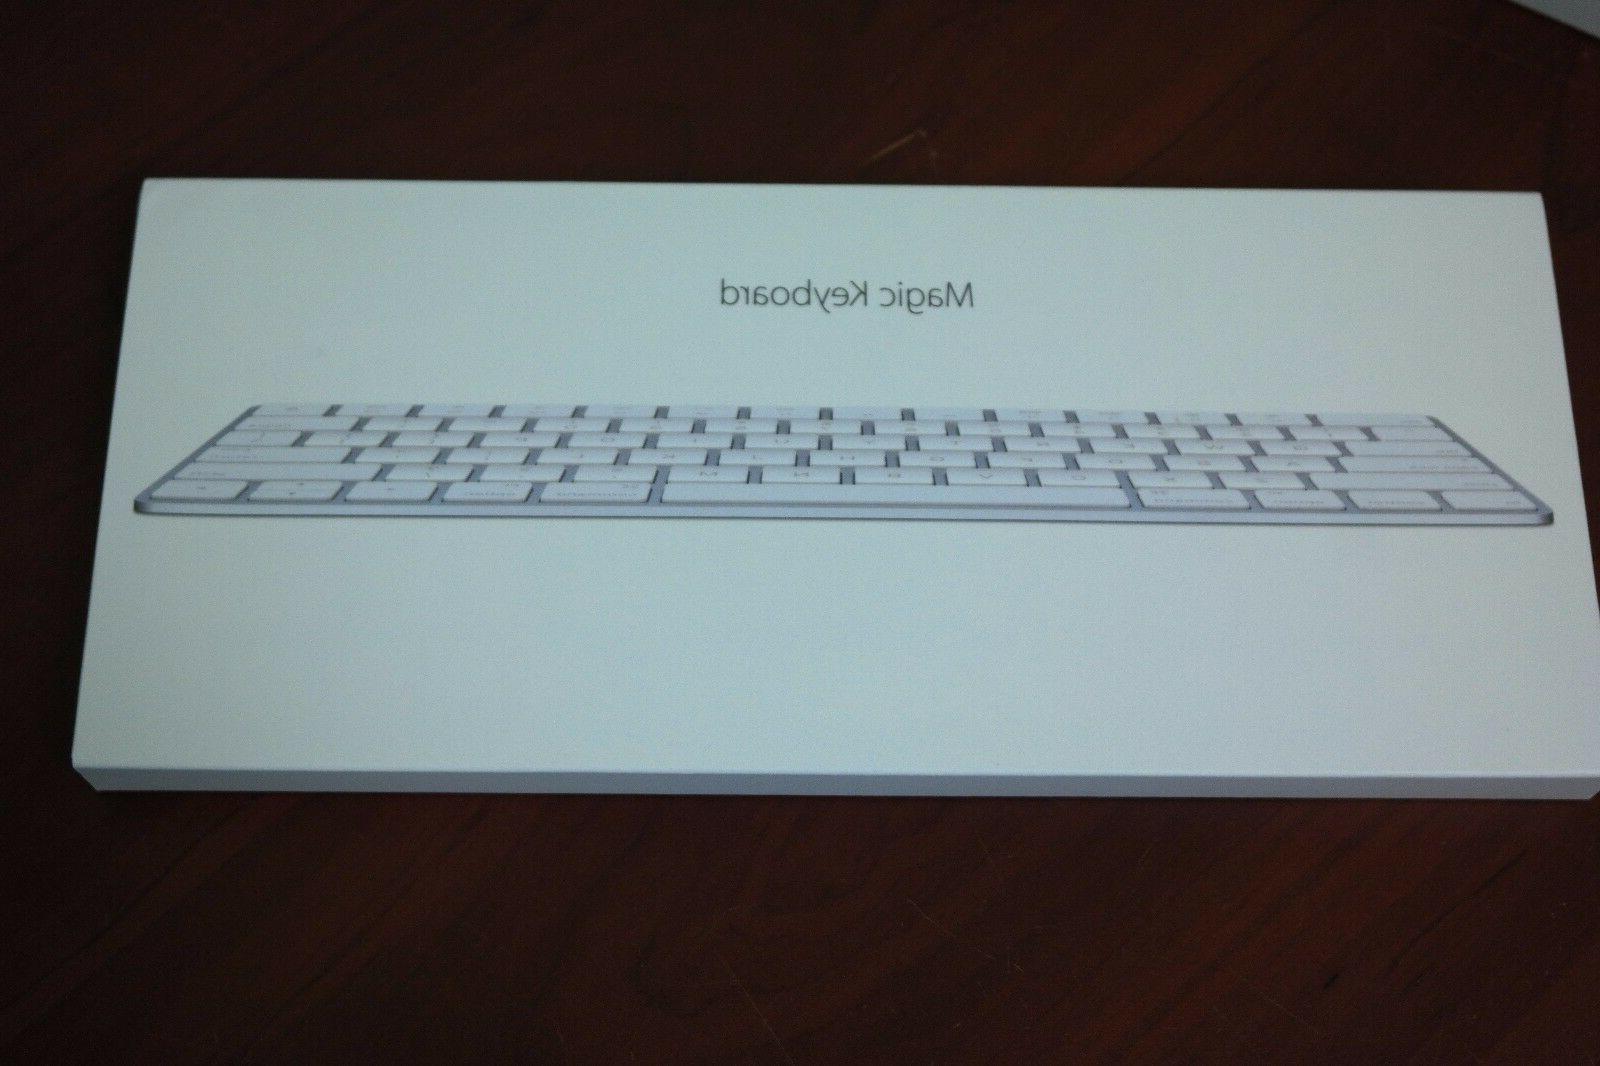 Apple Magic Keyboard 2  Wireless Rechargeable